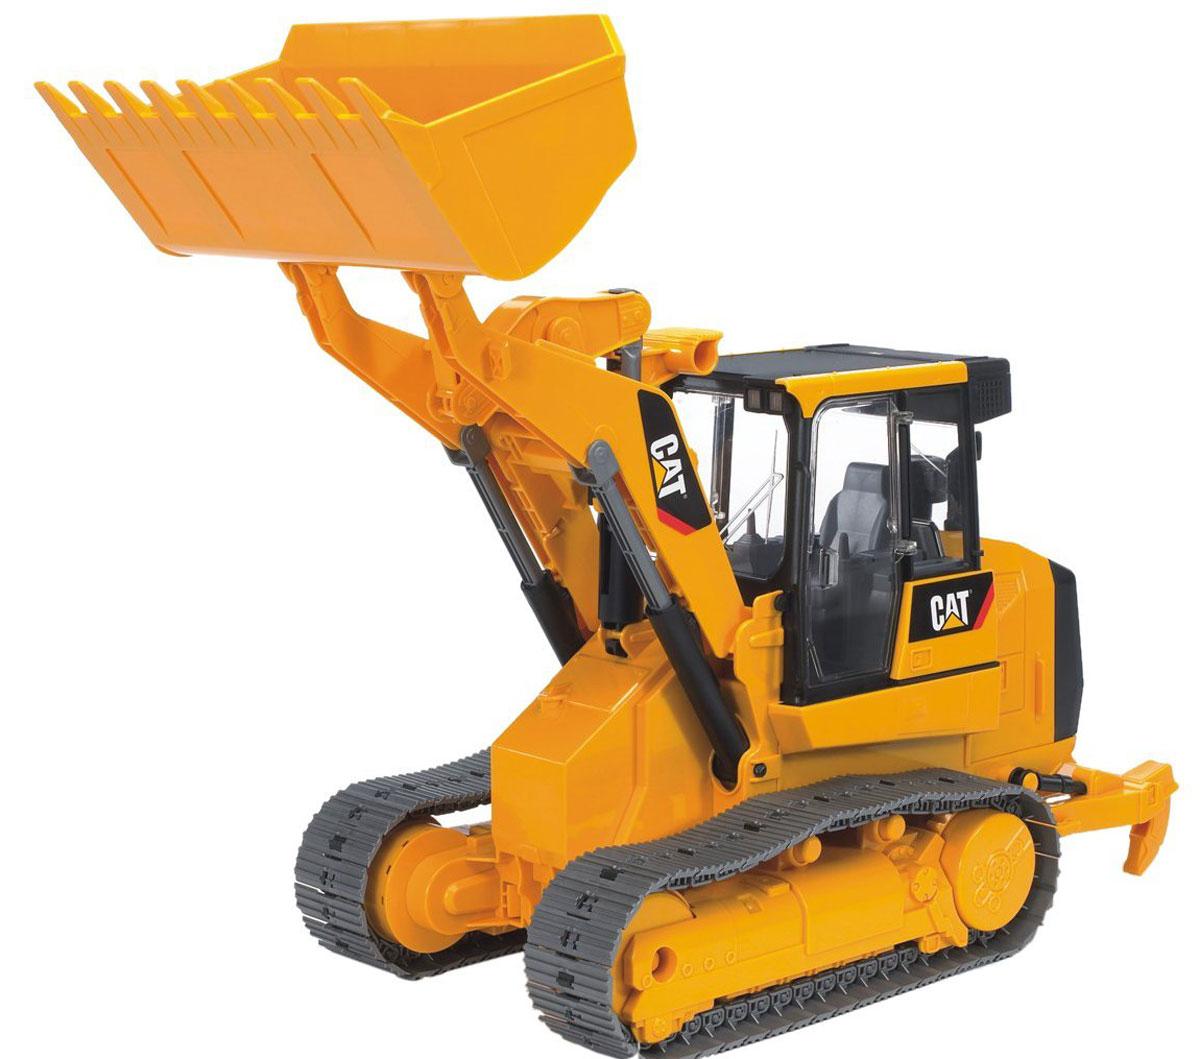 Bruder Погрузчик гусеничный Cat с ковшом машины bruder погрузчик roadmax с ковшом и разрыхлителем